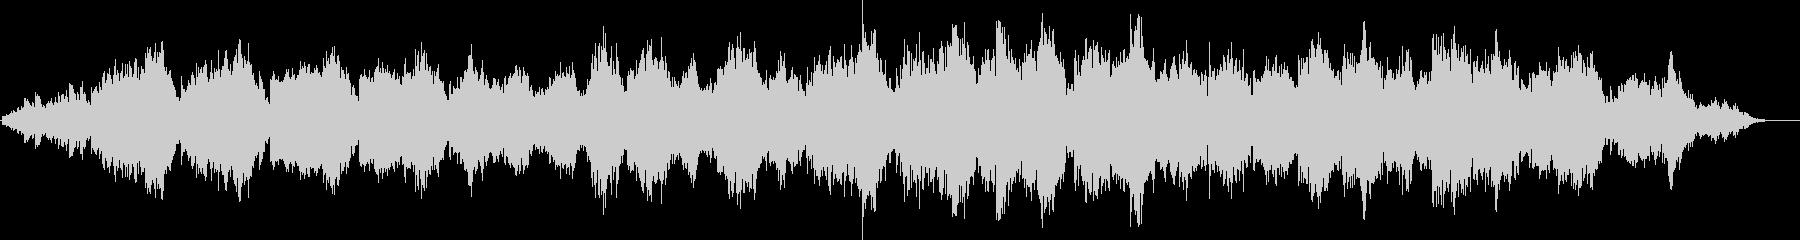 エレクトロ 交響曲 広い 壮大 ほ...の未再生の波形